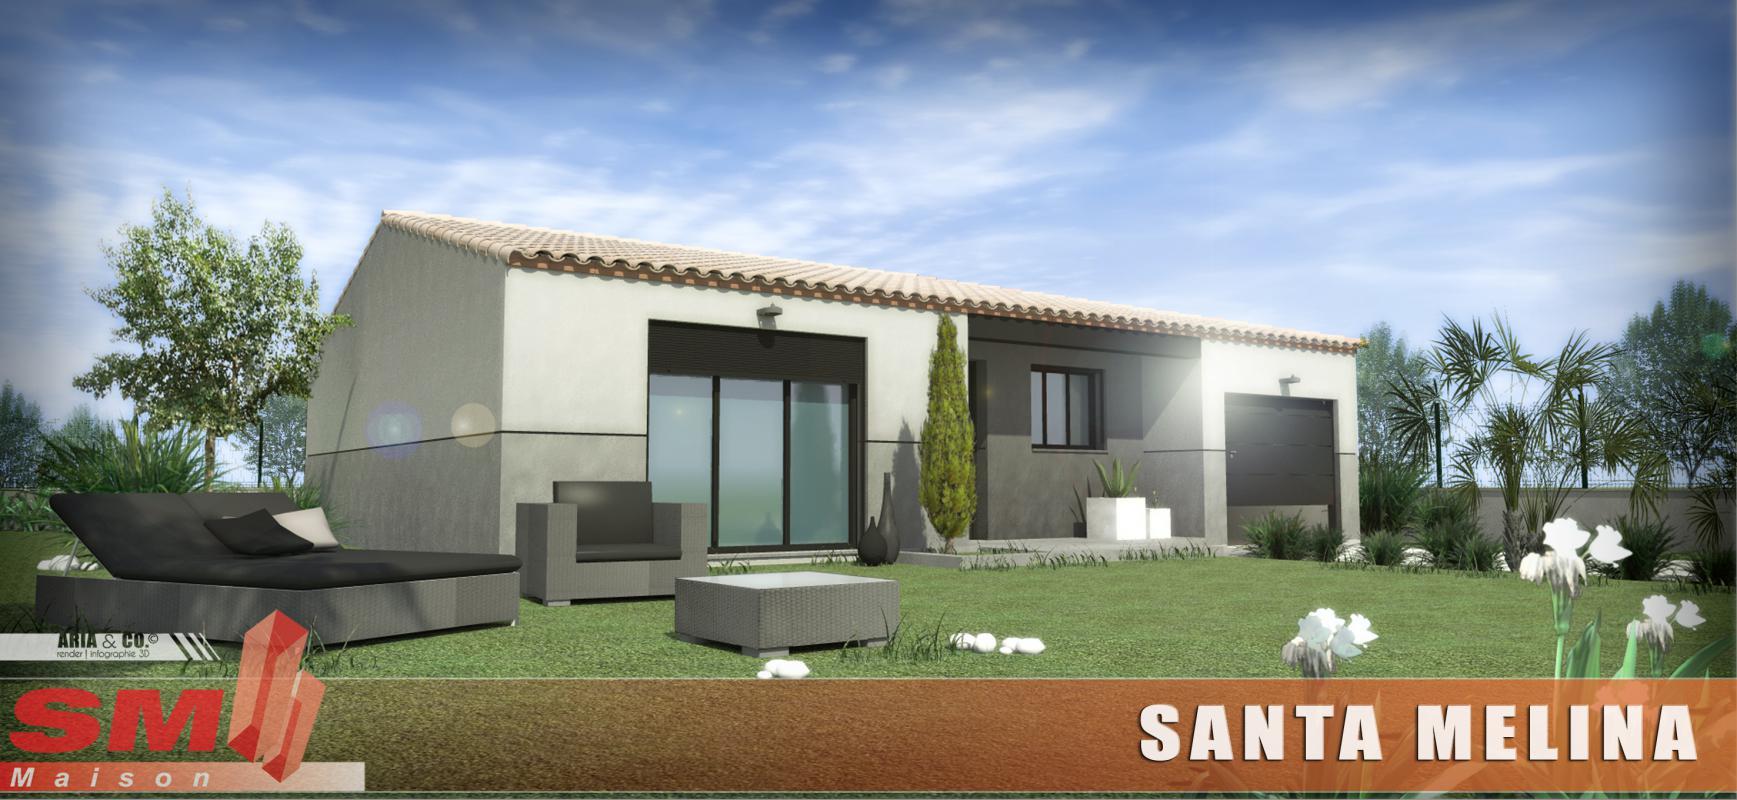 Maisons + Terrains du constructeur SM MAISON • 65 m² • SALSES LE CHATEAU